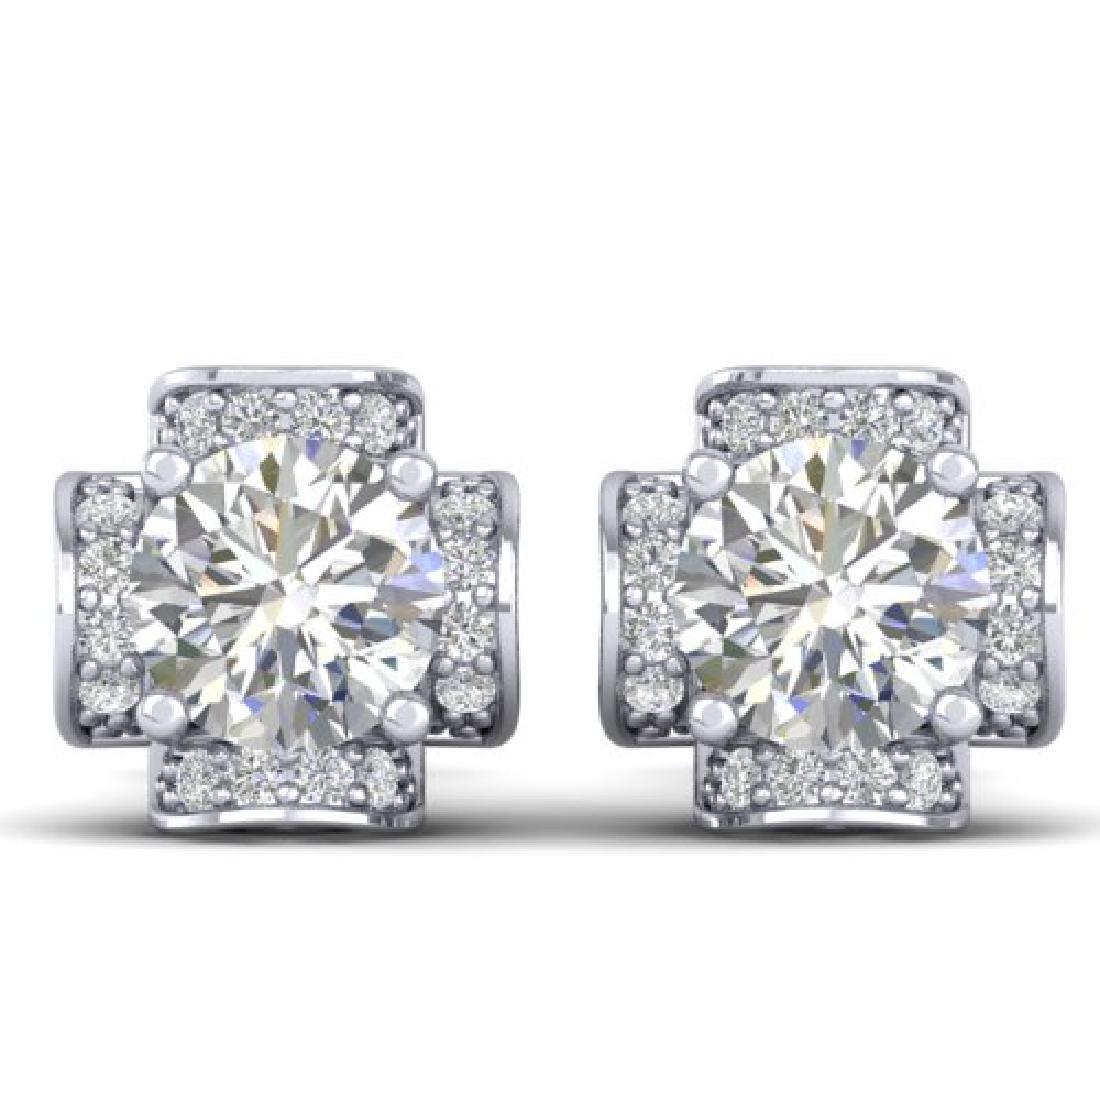 1.85 CTW Certified VS/SI Diamond Art Deco Stud Earrings